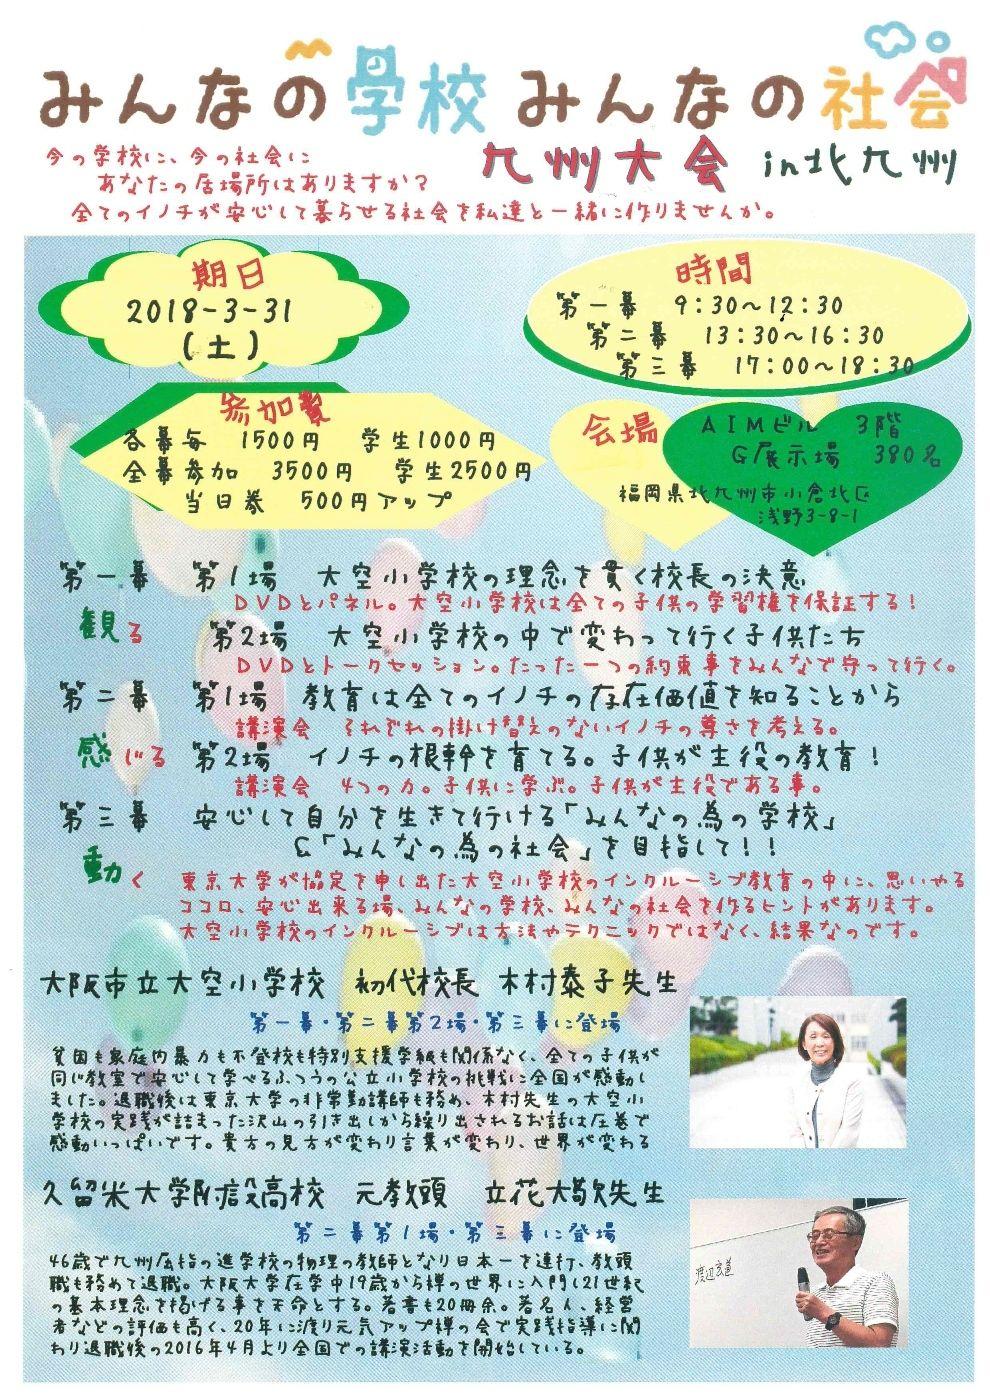 全幕 みんなの学校 みんなの社会 九州大会 in北九州